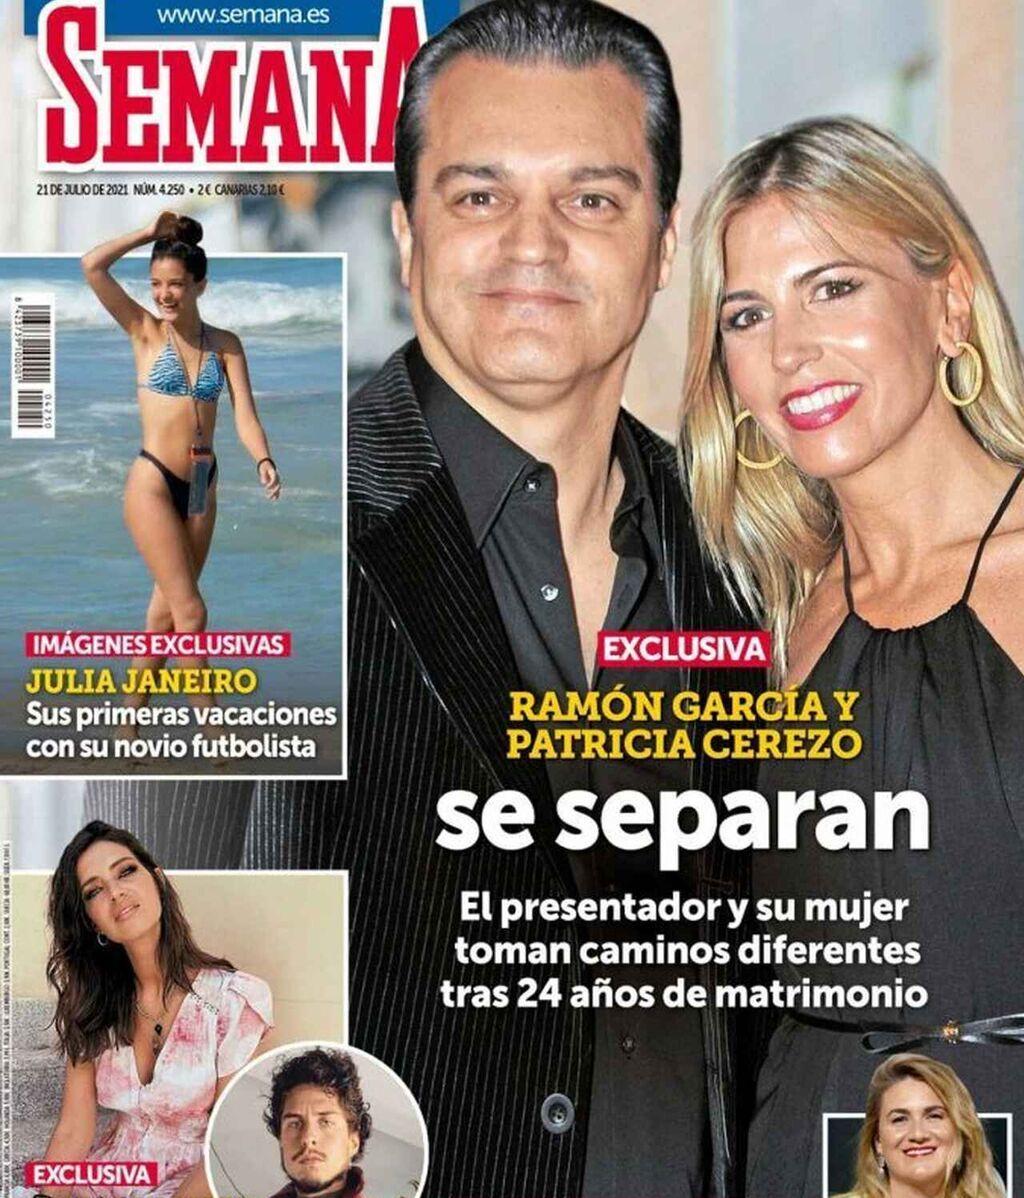 Ramón García y Patricia Cerezo se separan